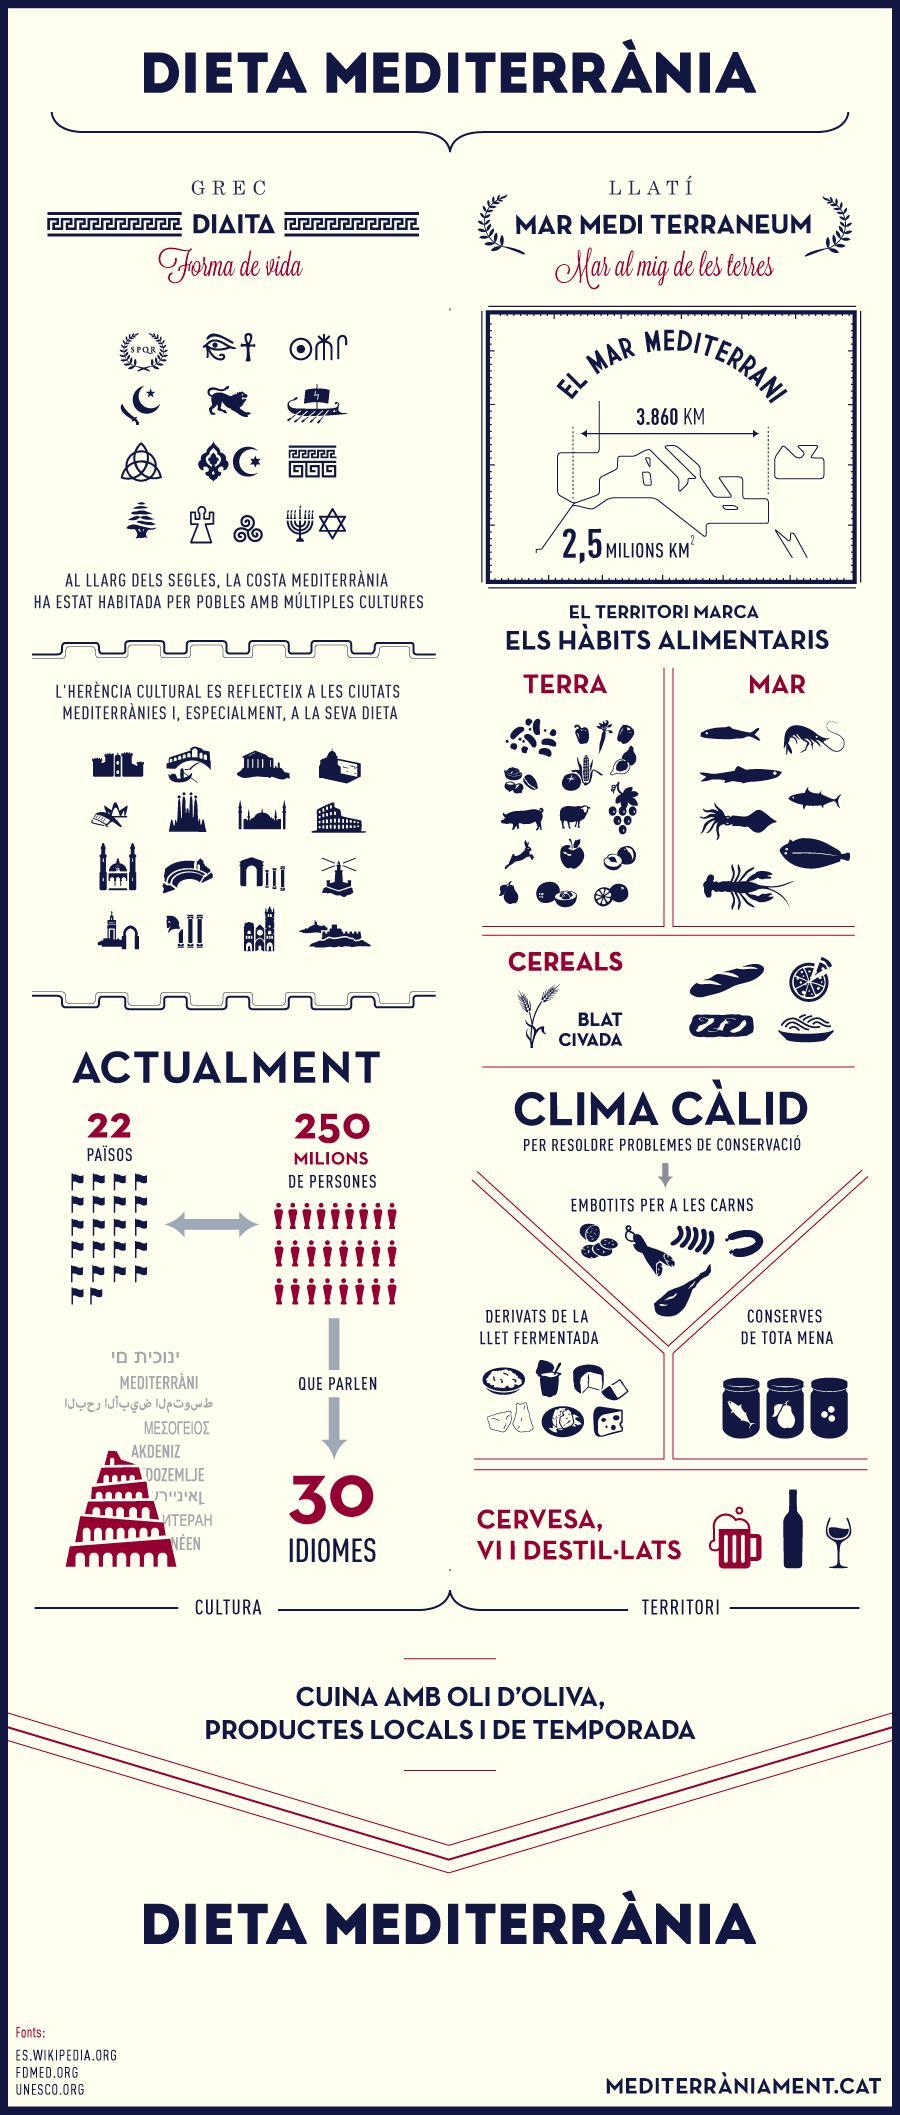 La dieta mediterránea en una infografía